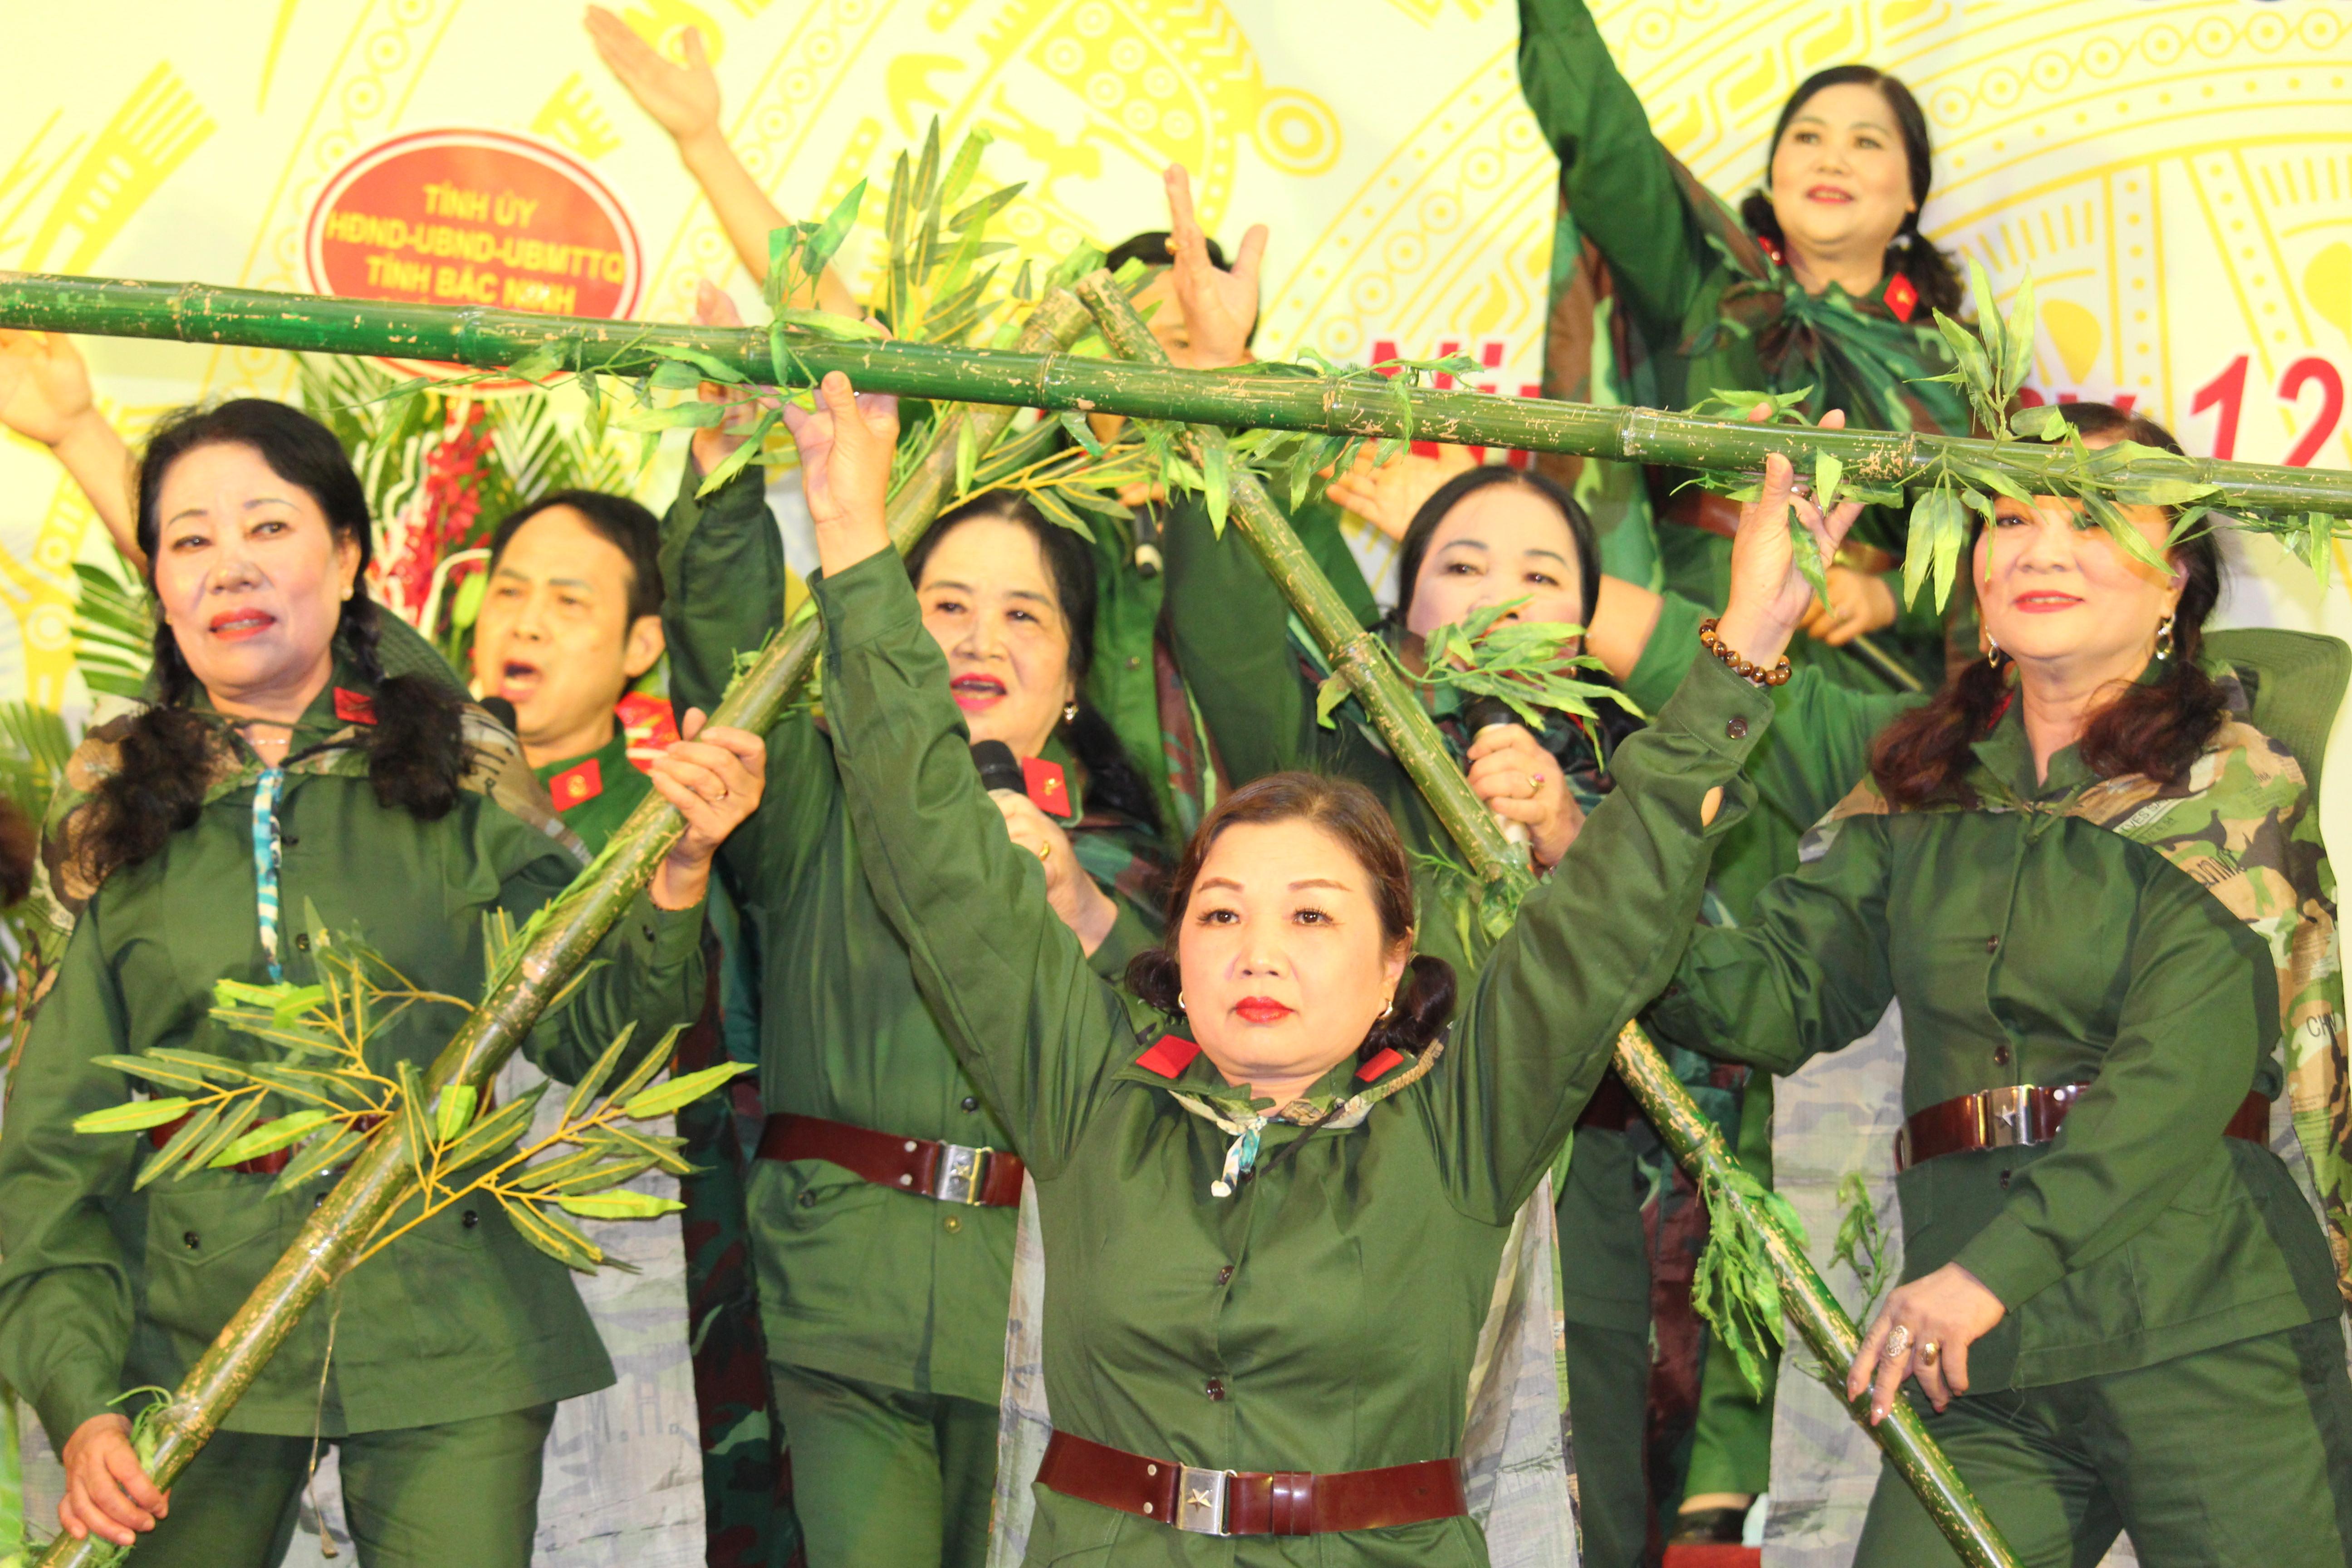 Cảm nhận của một người lính Trường Sơn về kỷ niệm 60 Trường sơn – Đường Hồ Chí Minh